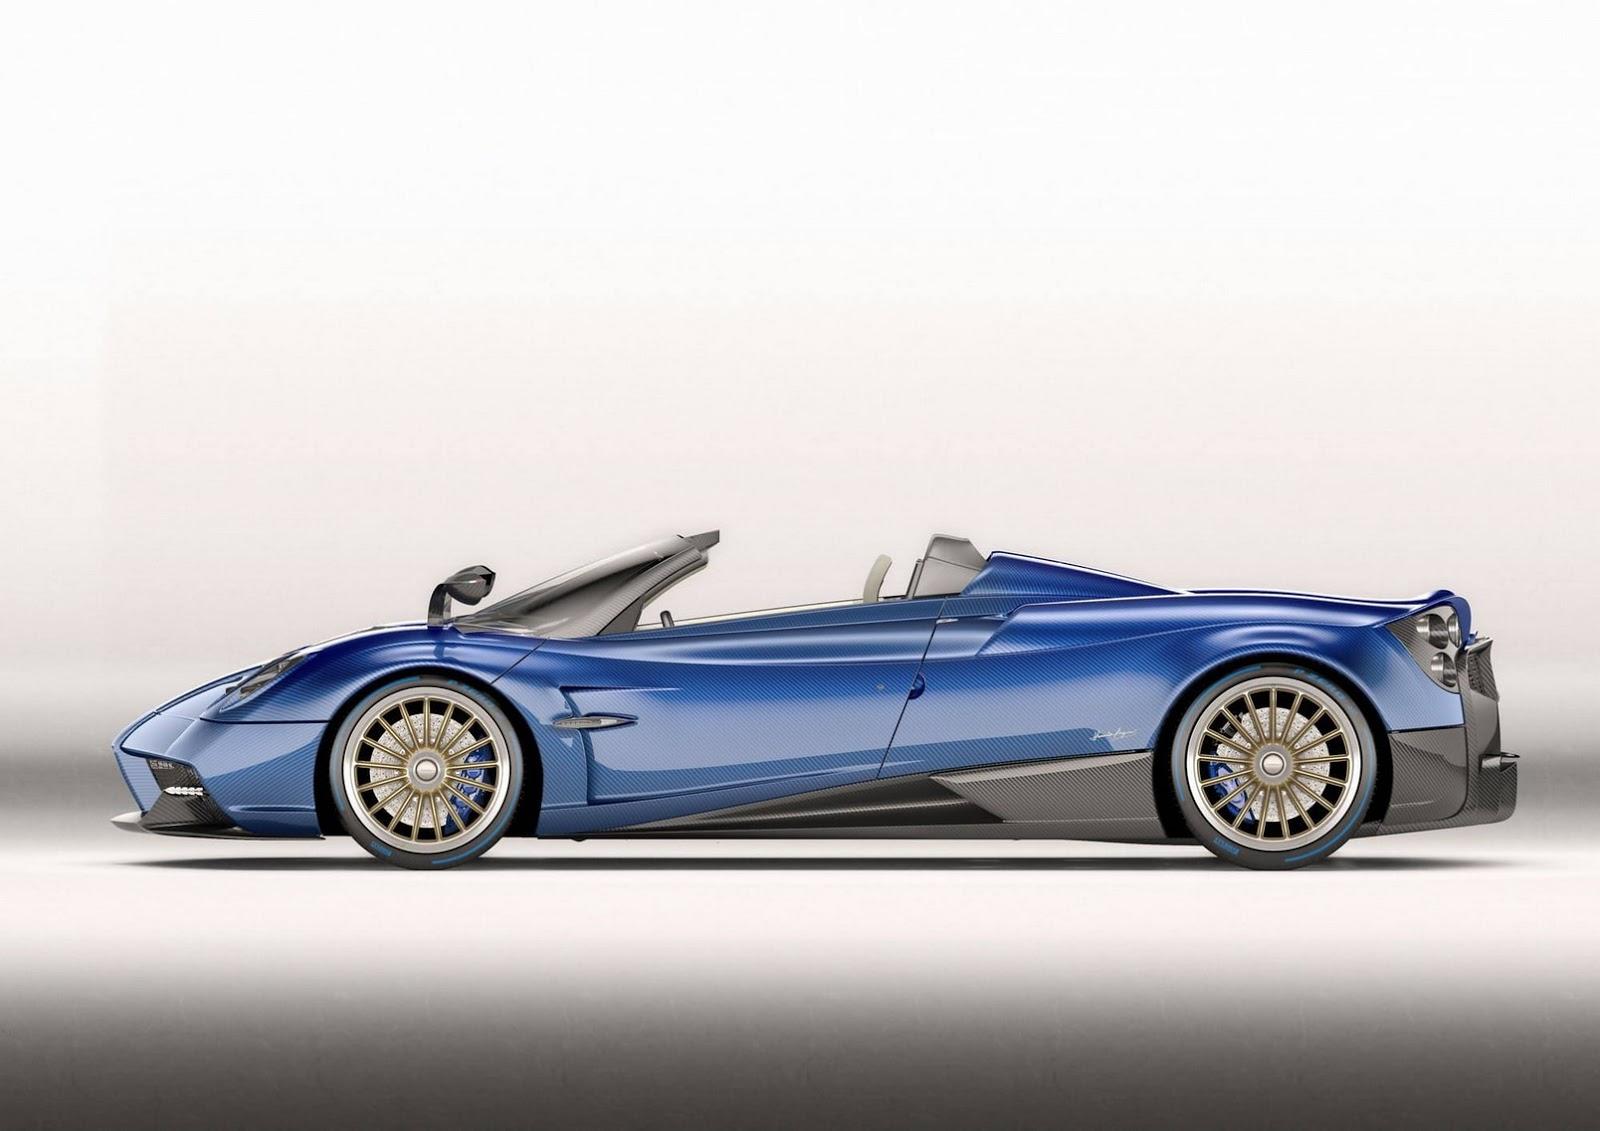 Conjunto de suspensão, pneus e aerodinâmica ativa proporcionam enorme aderência